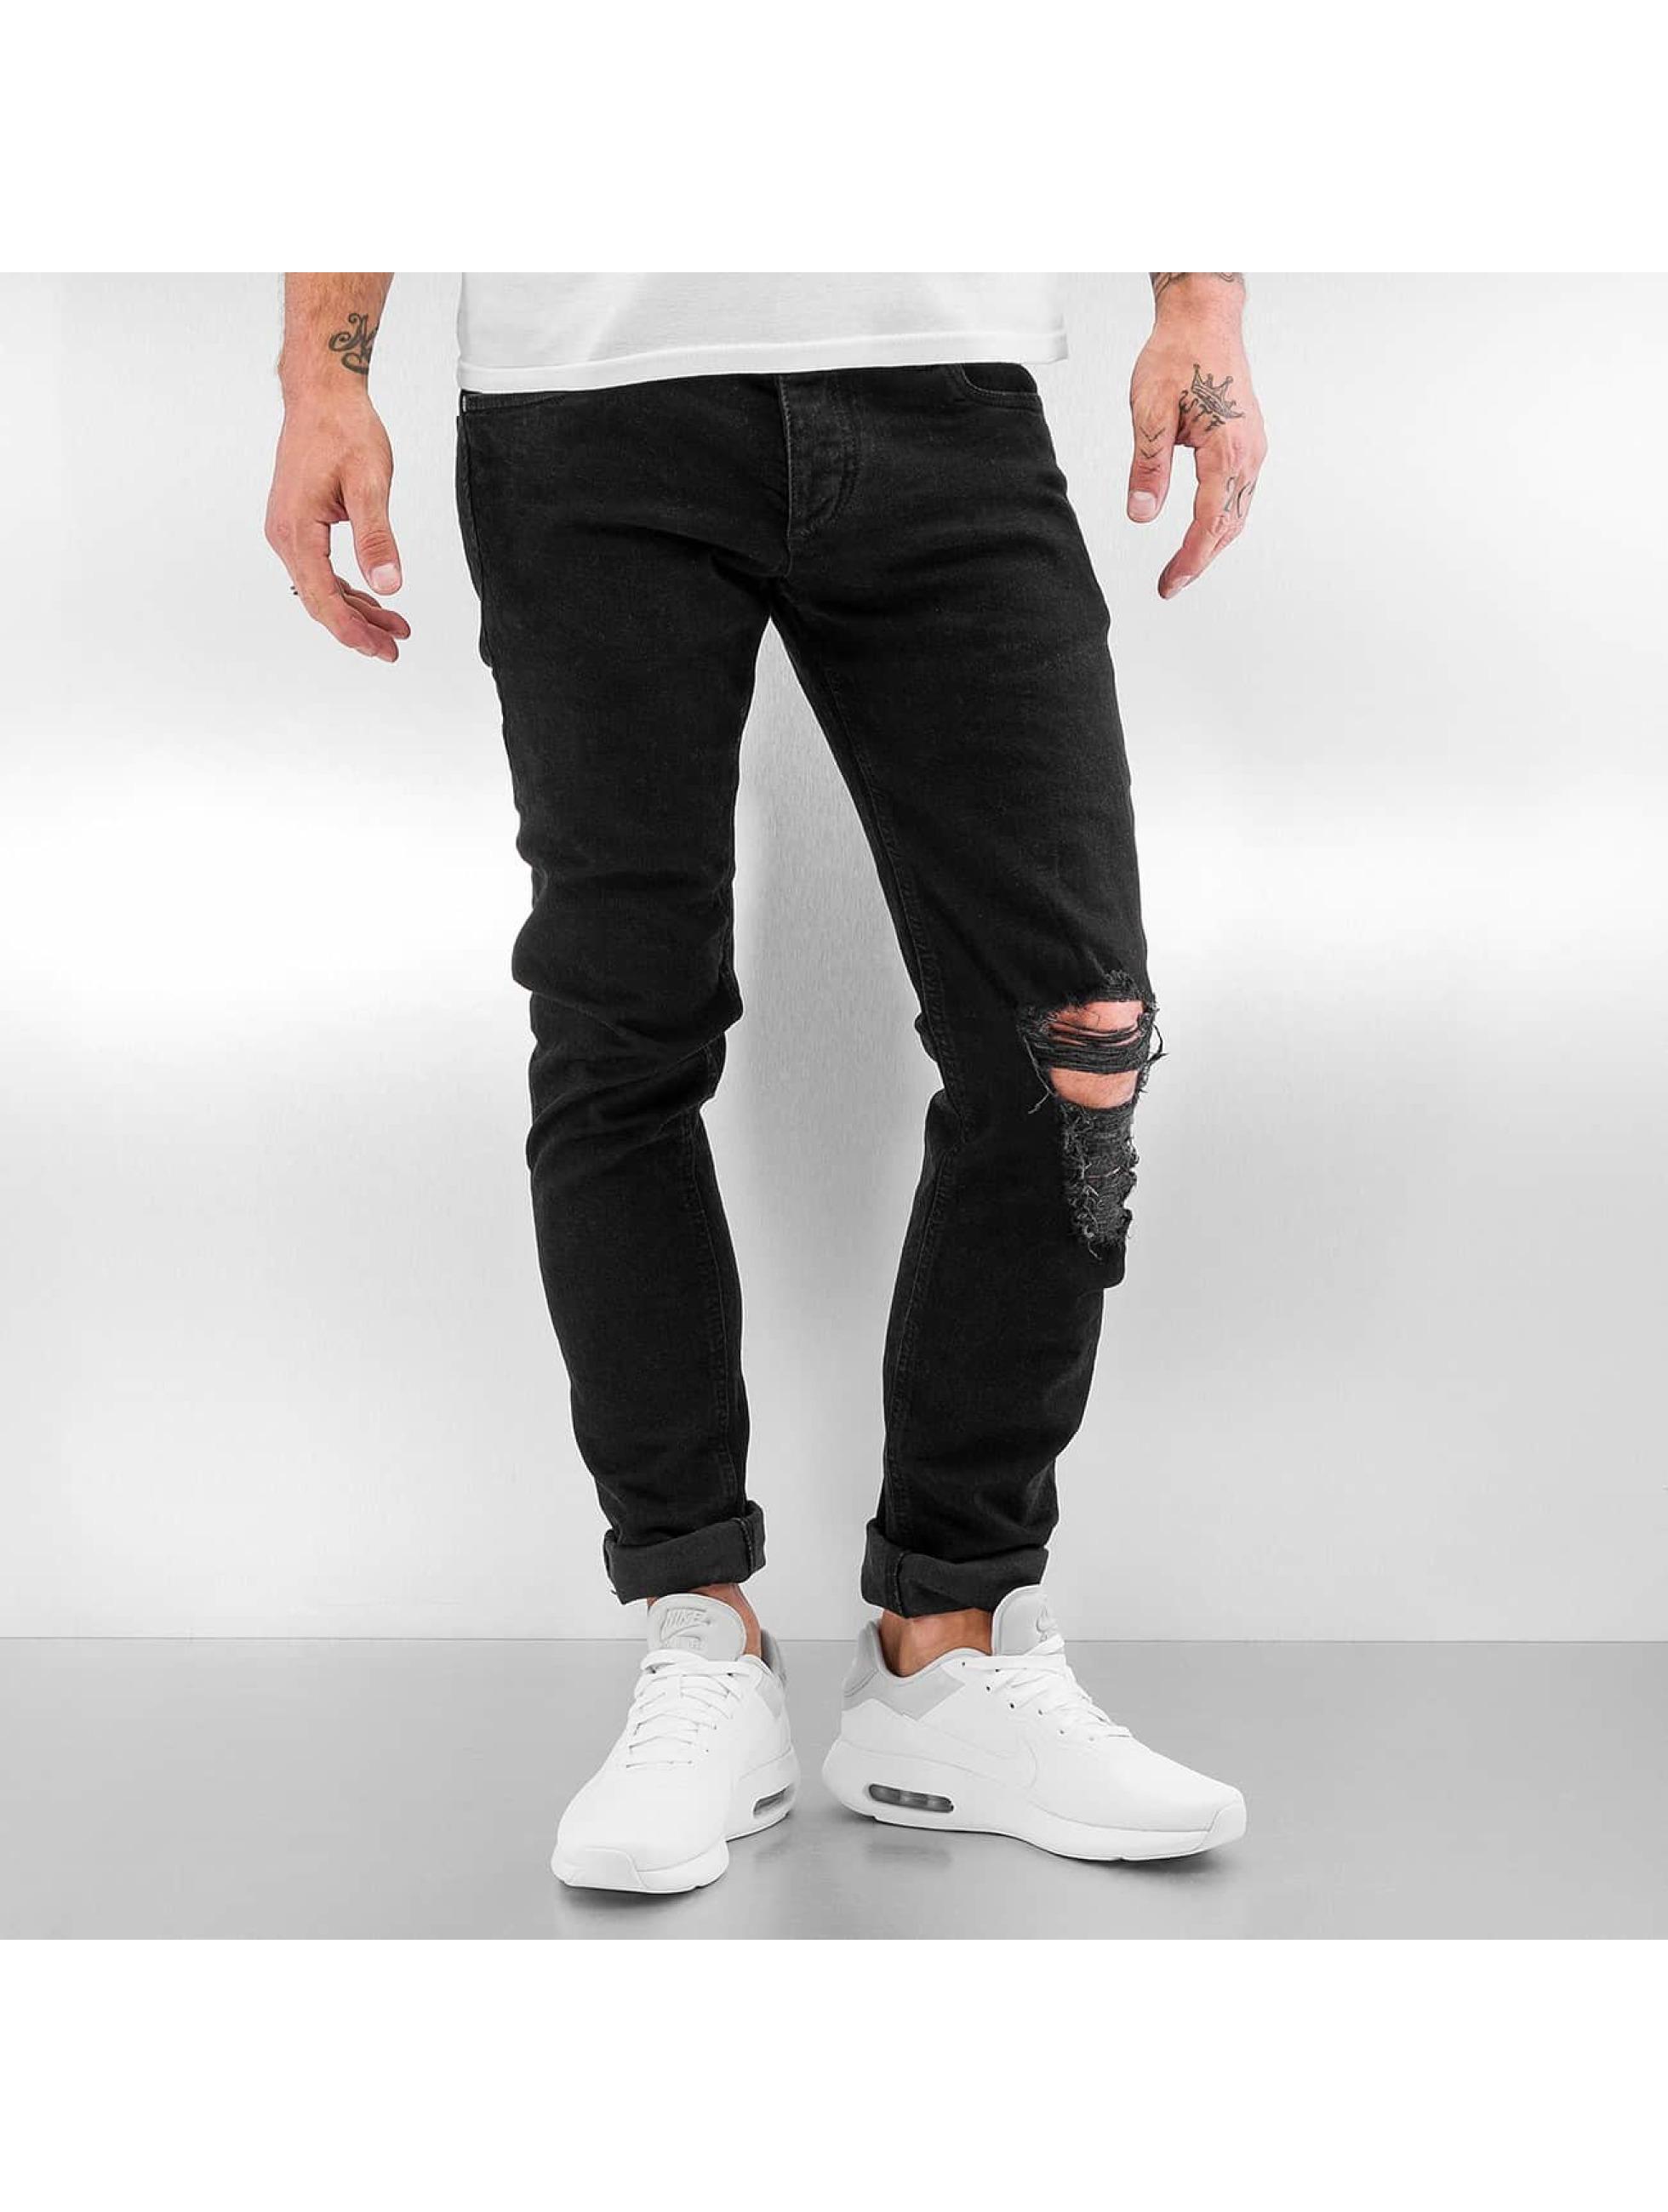 Skinny Jeans jjiGlenn jjOriginal in schwarz